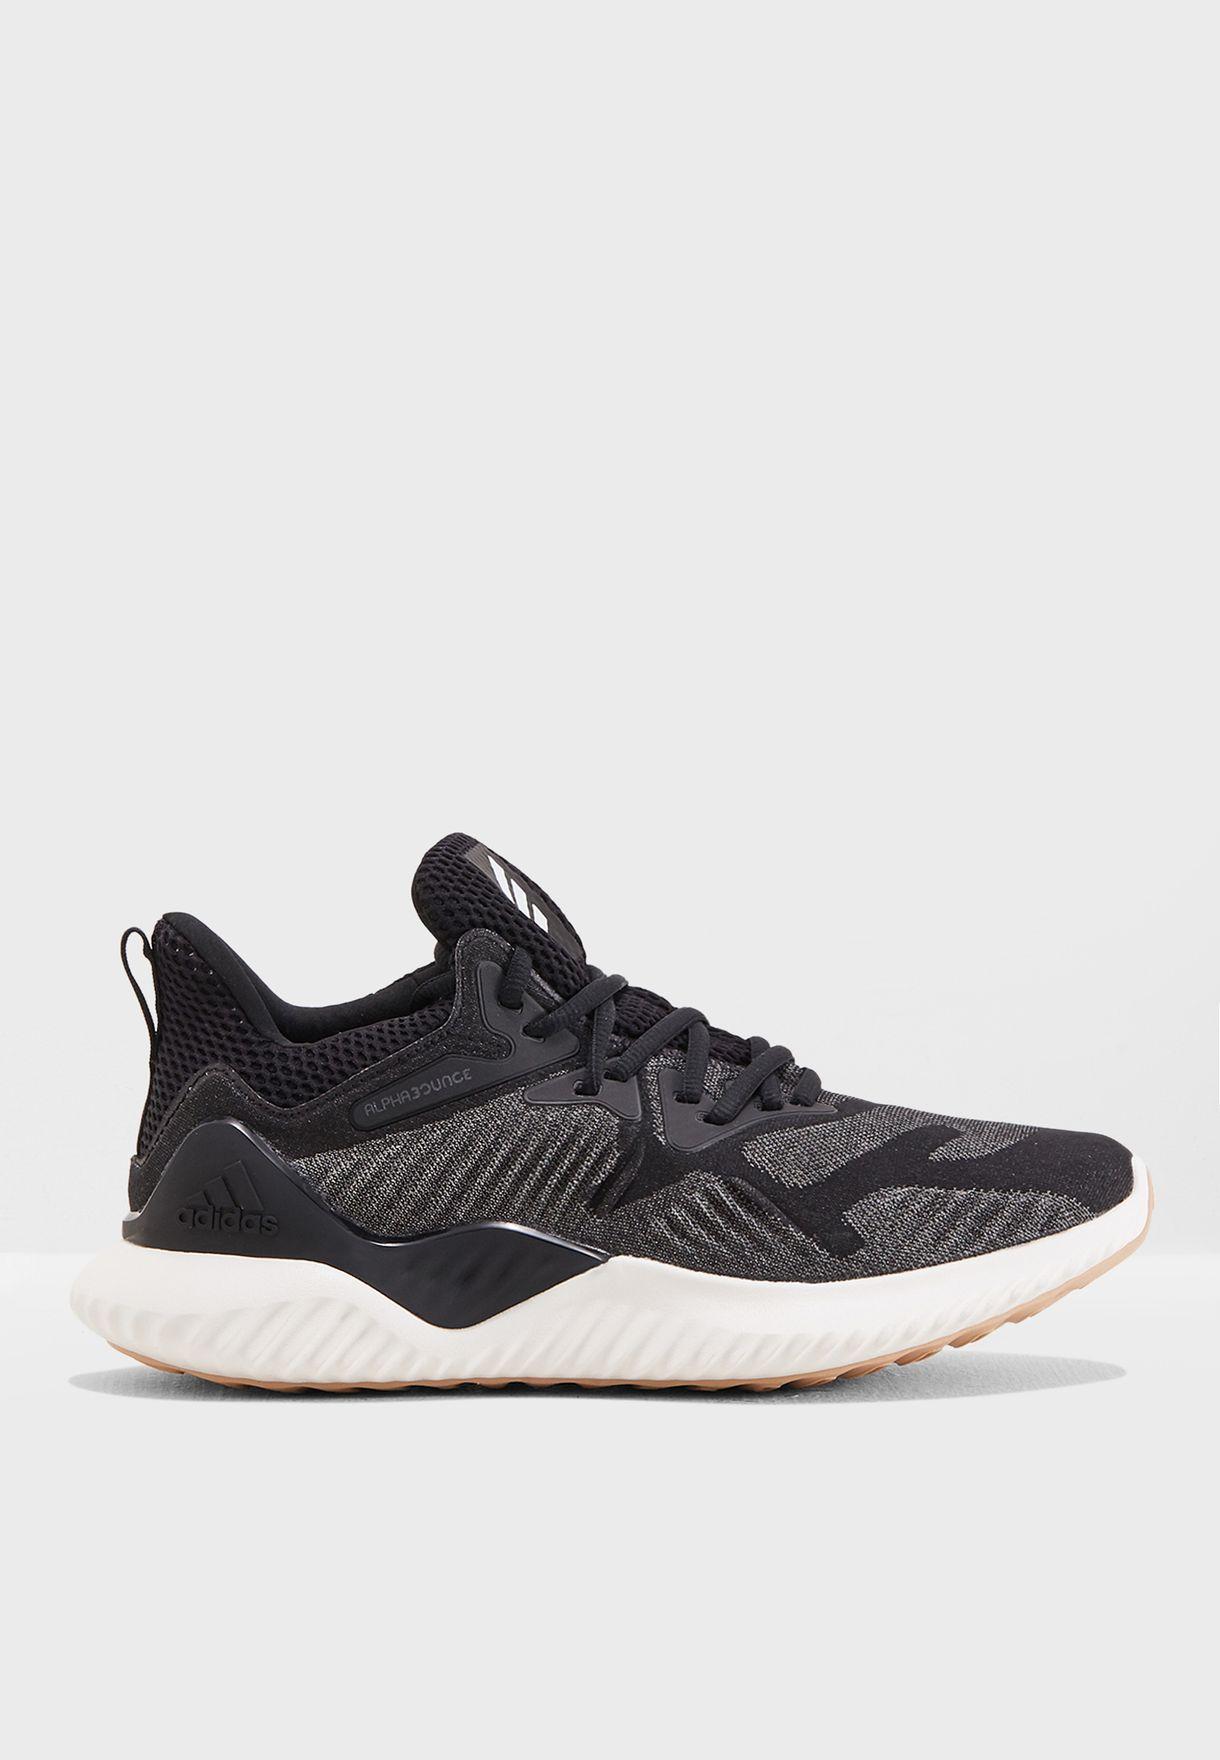 3f6988e93 تسوق حذاء الفا باونس بيوند ماركة اديداس لون أسود CG5581 في السعودية ...